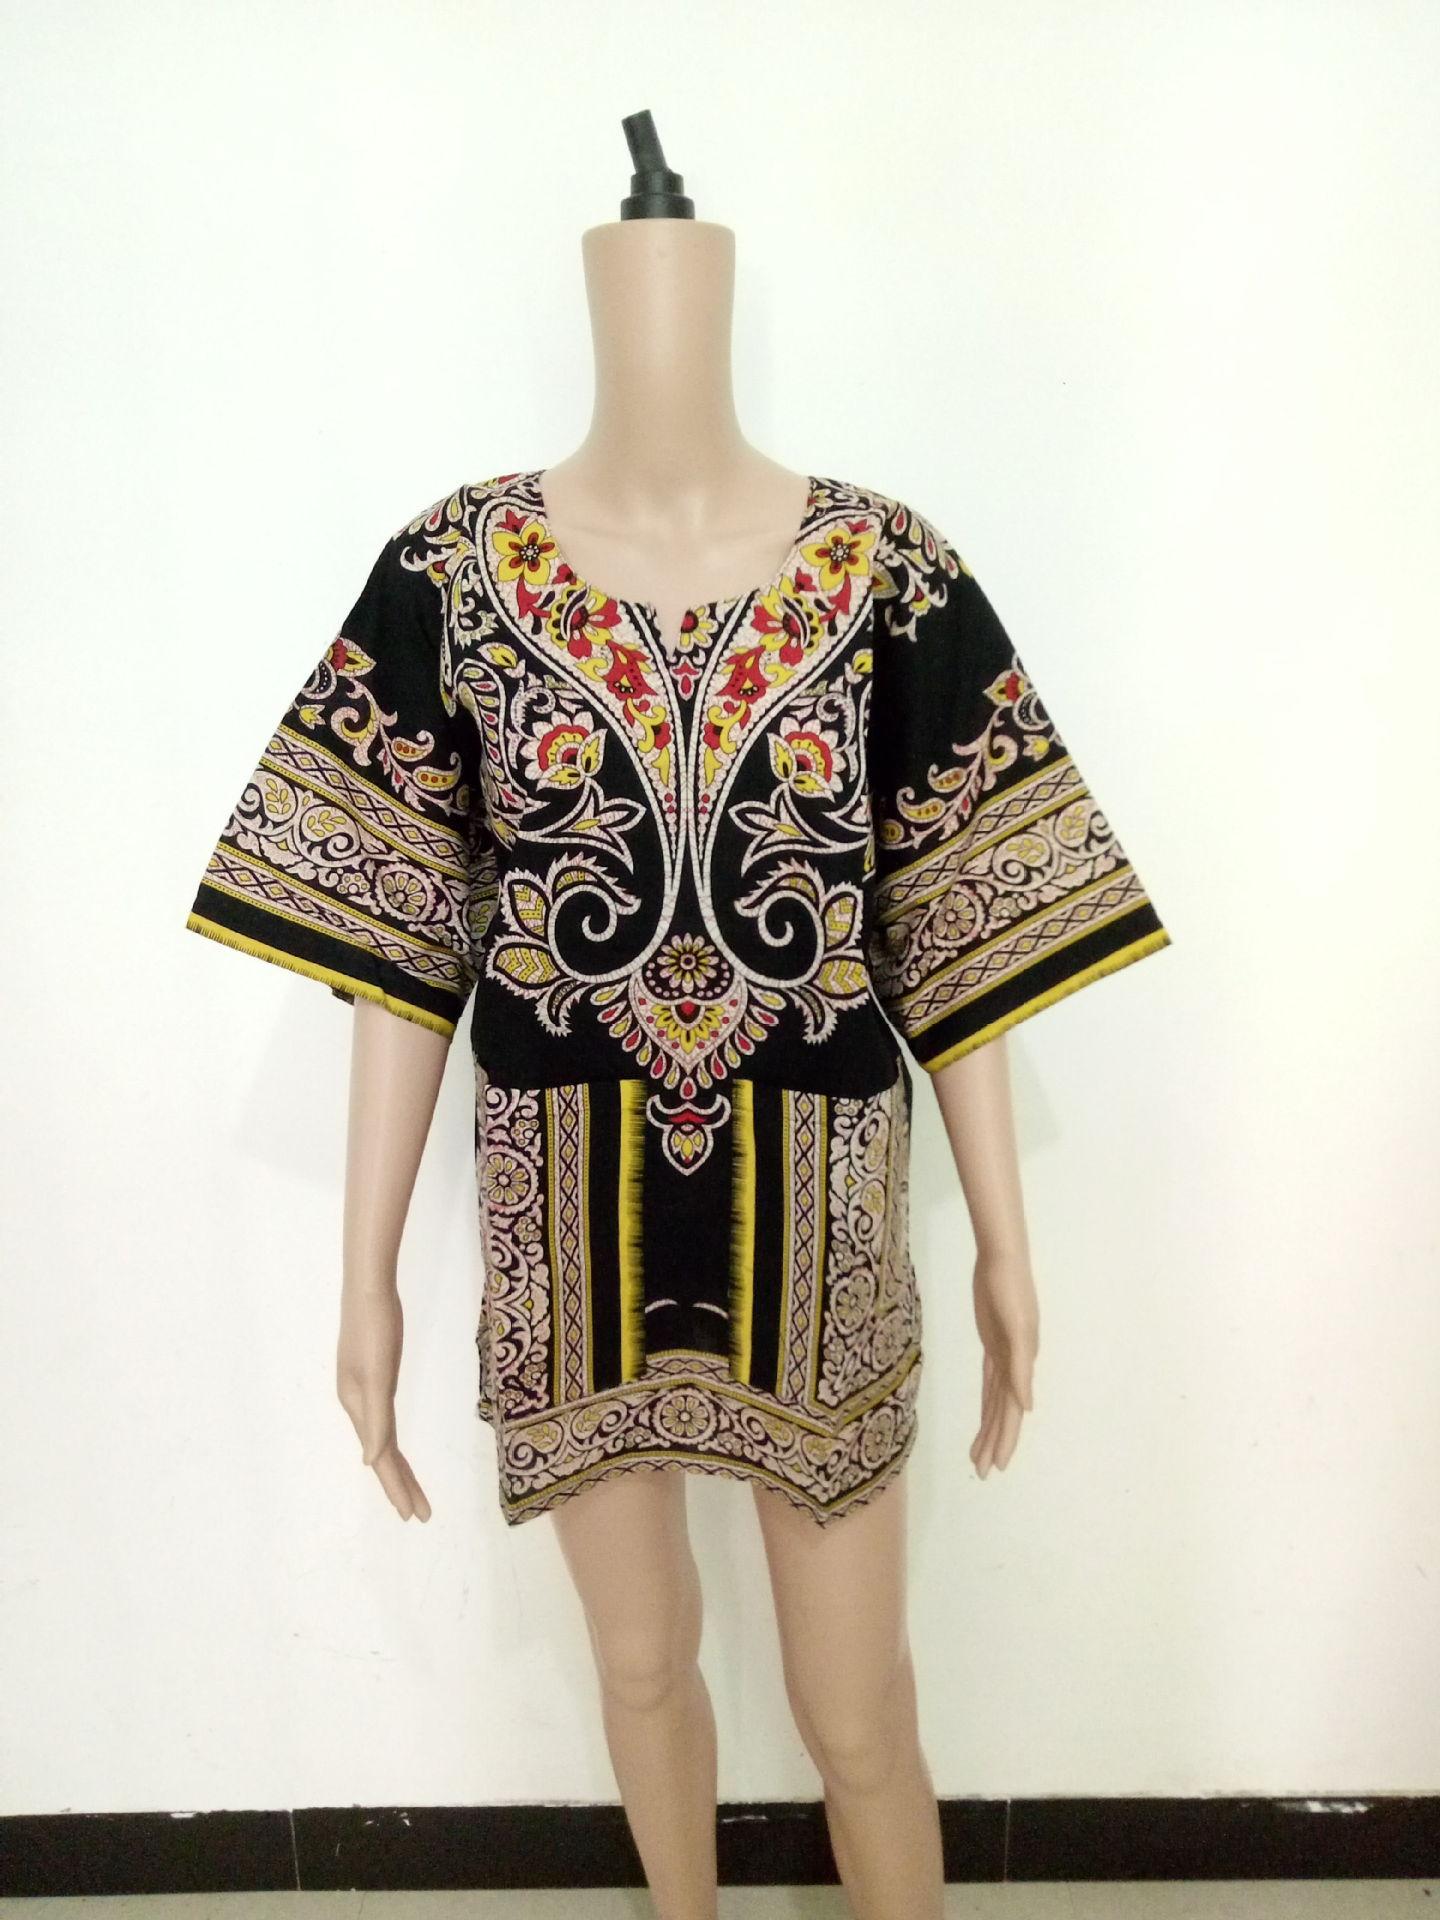 Ropa africana tradicional para mujer Vestido de dama de África Bazin Riche Vestido africano Vestido de mujer africano Dashikis zeny saty